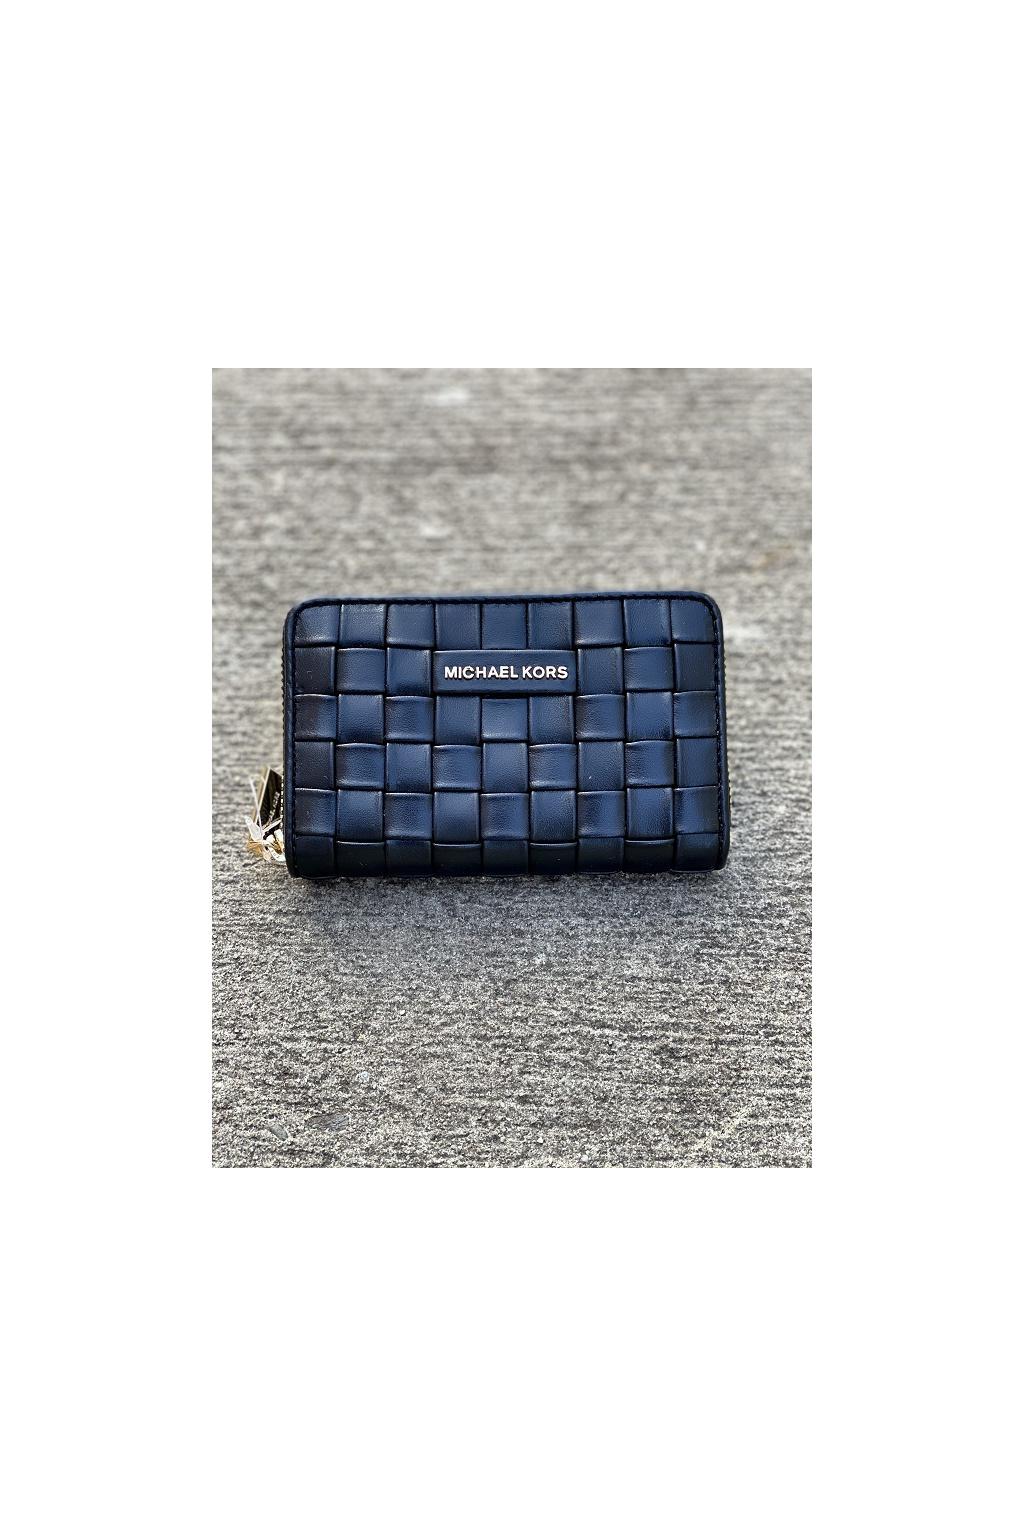 Dámská peněženka Michael Kors Jet Set Small Leather černá 1